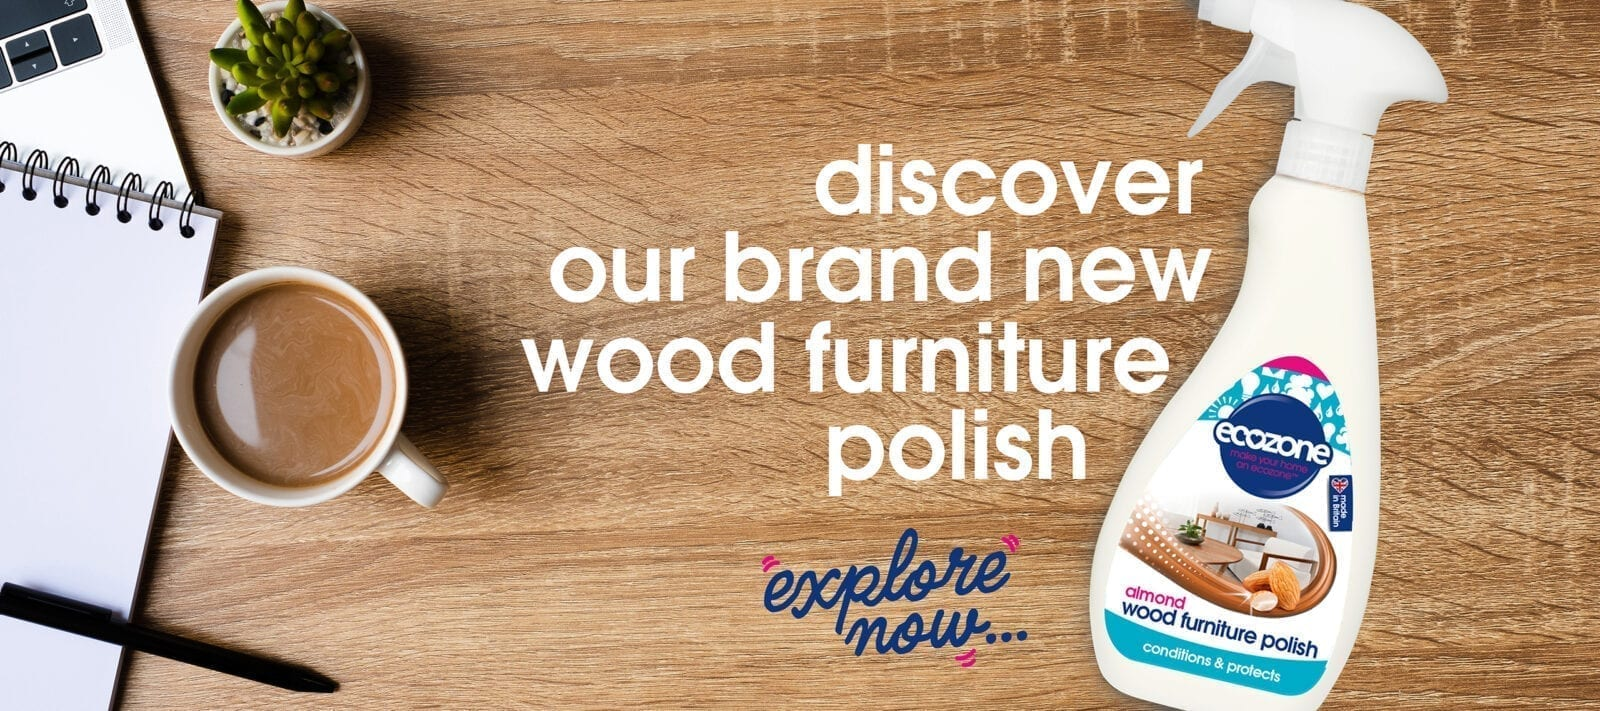 Ecozone wood polish